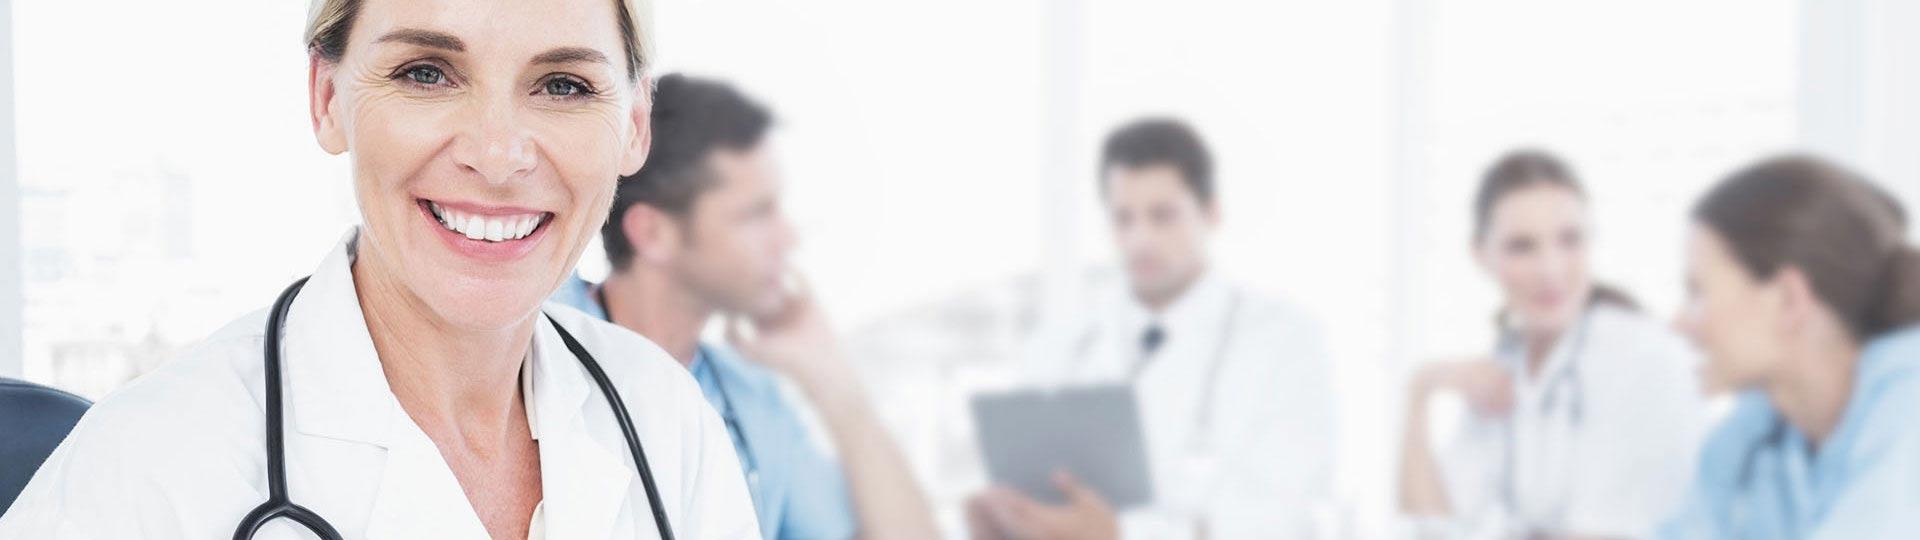 Tarif chirurgie esthétique en Tunisie : Tout savoir sur les opérations de chirurgie esthétique en Tunisie, le suivi et leurs prix